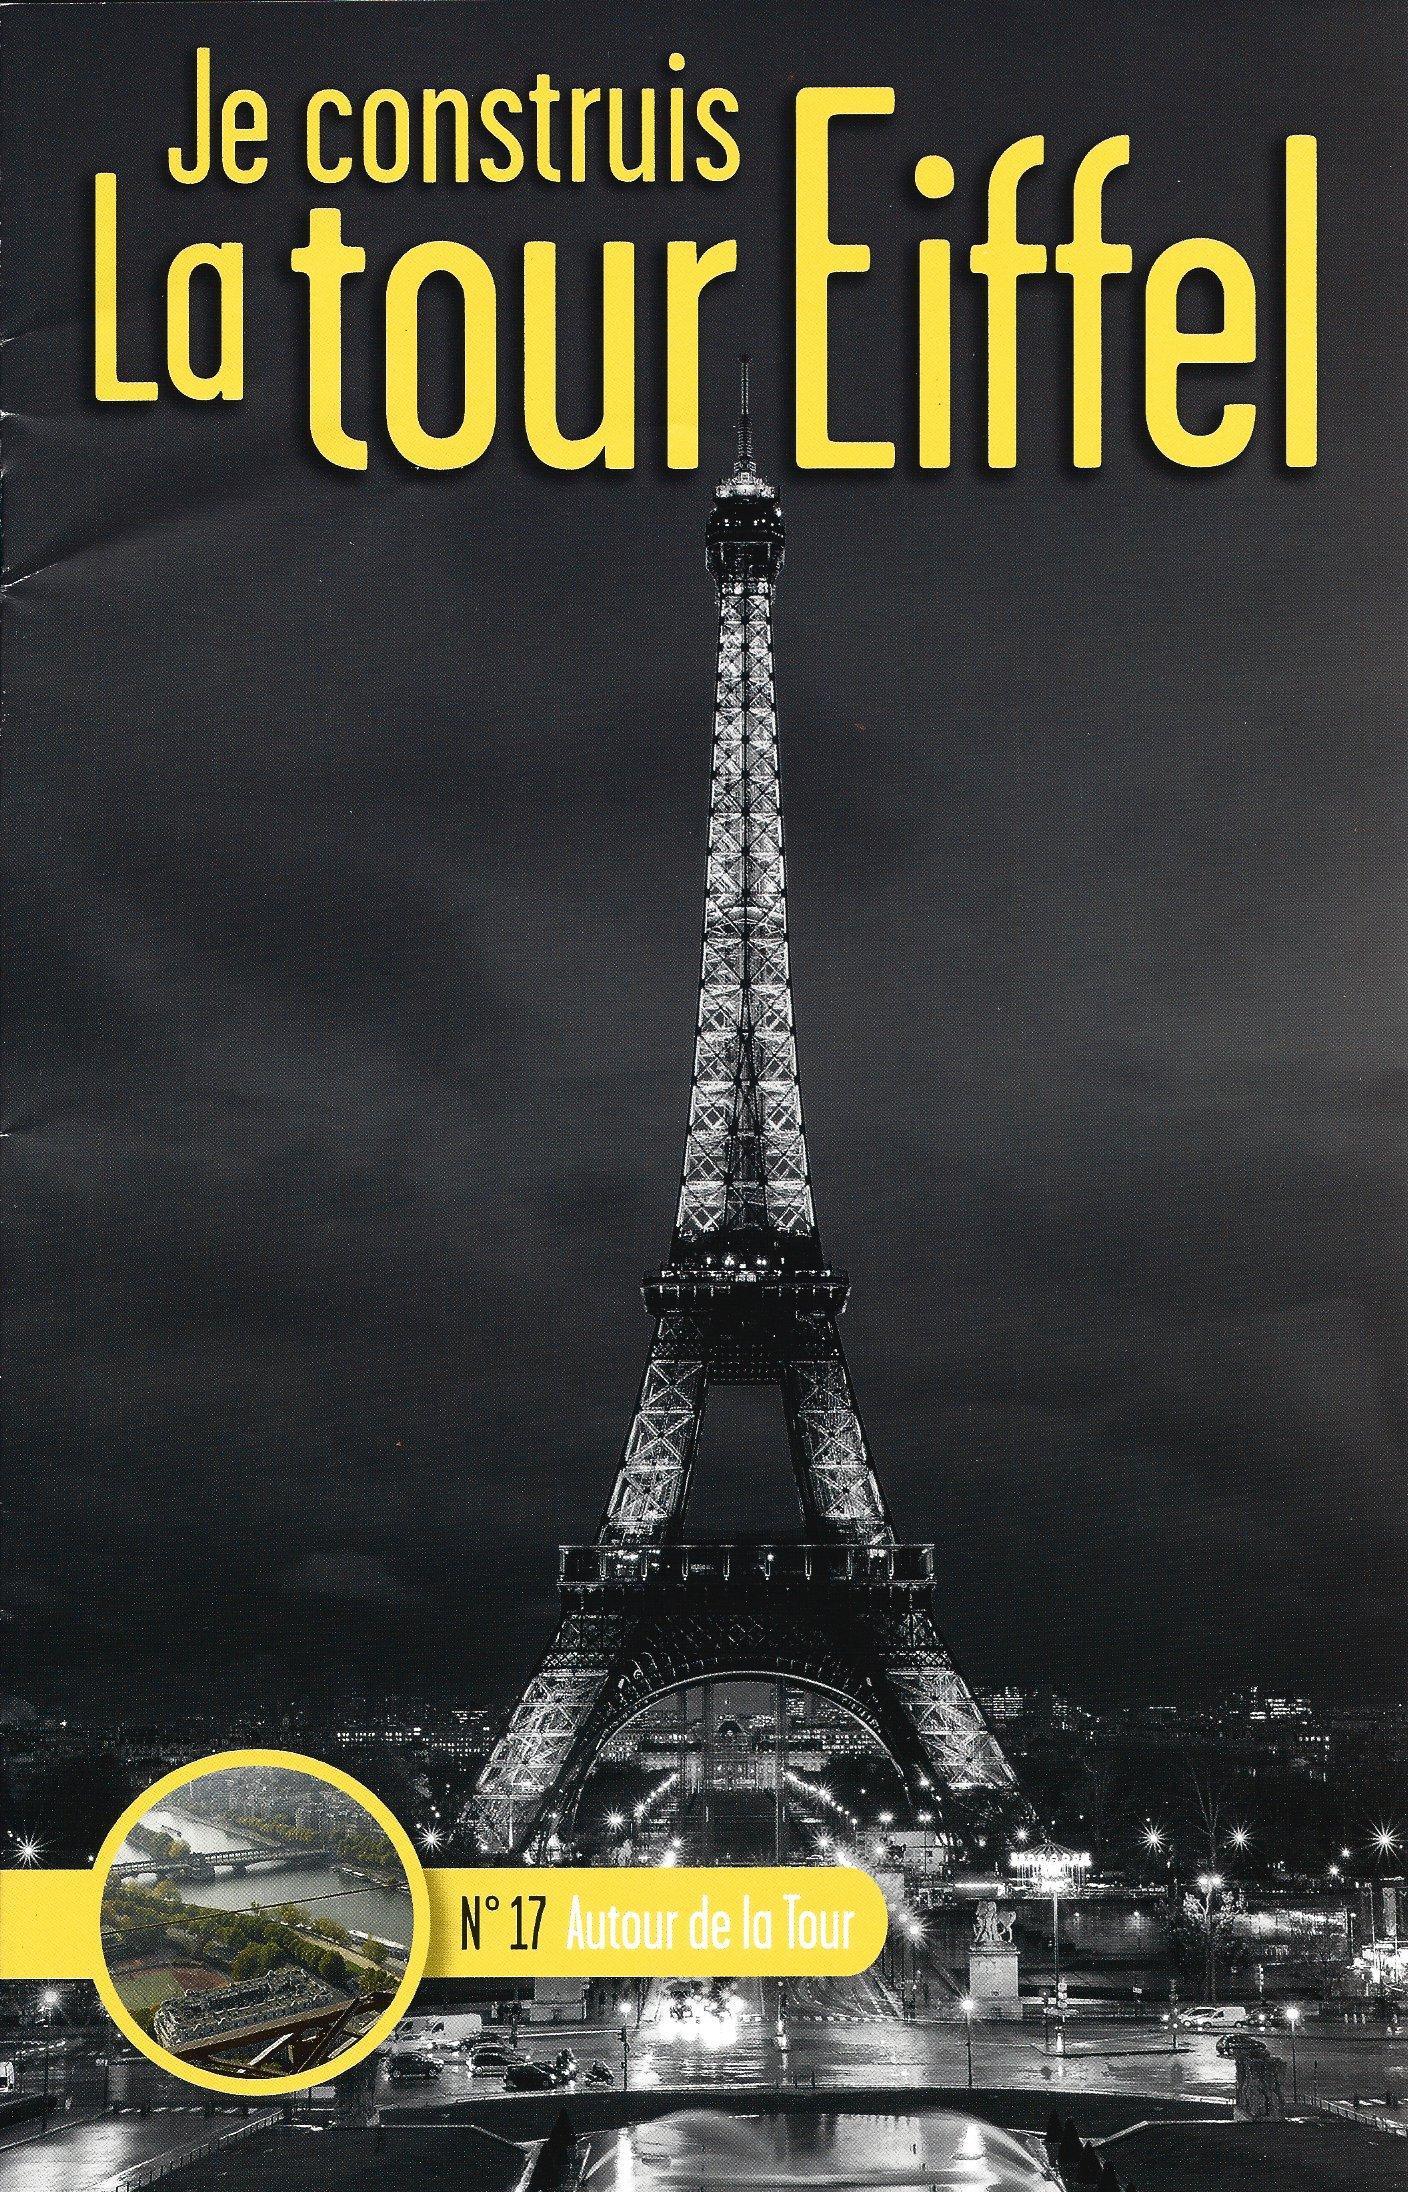 Numéro 17 - Je construis la Tour Eiffel - Autour de la Tour 59145417a